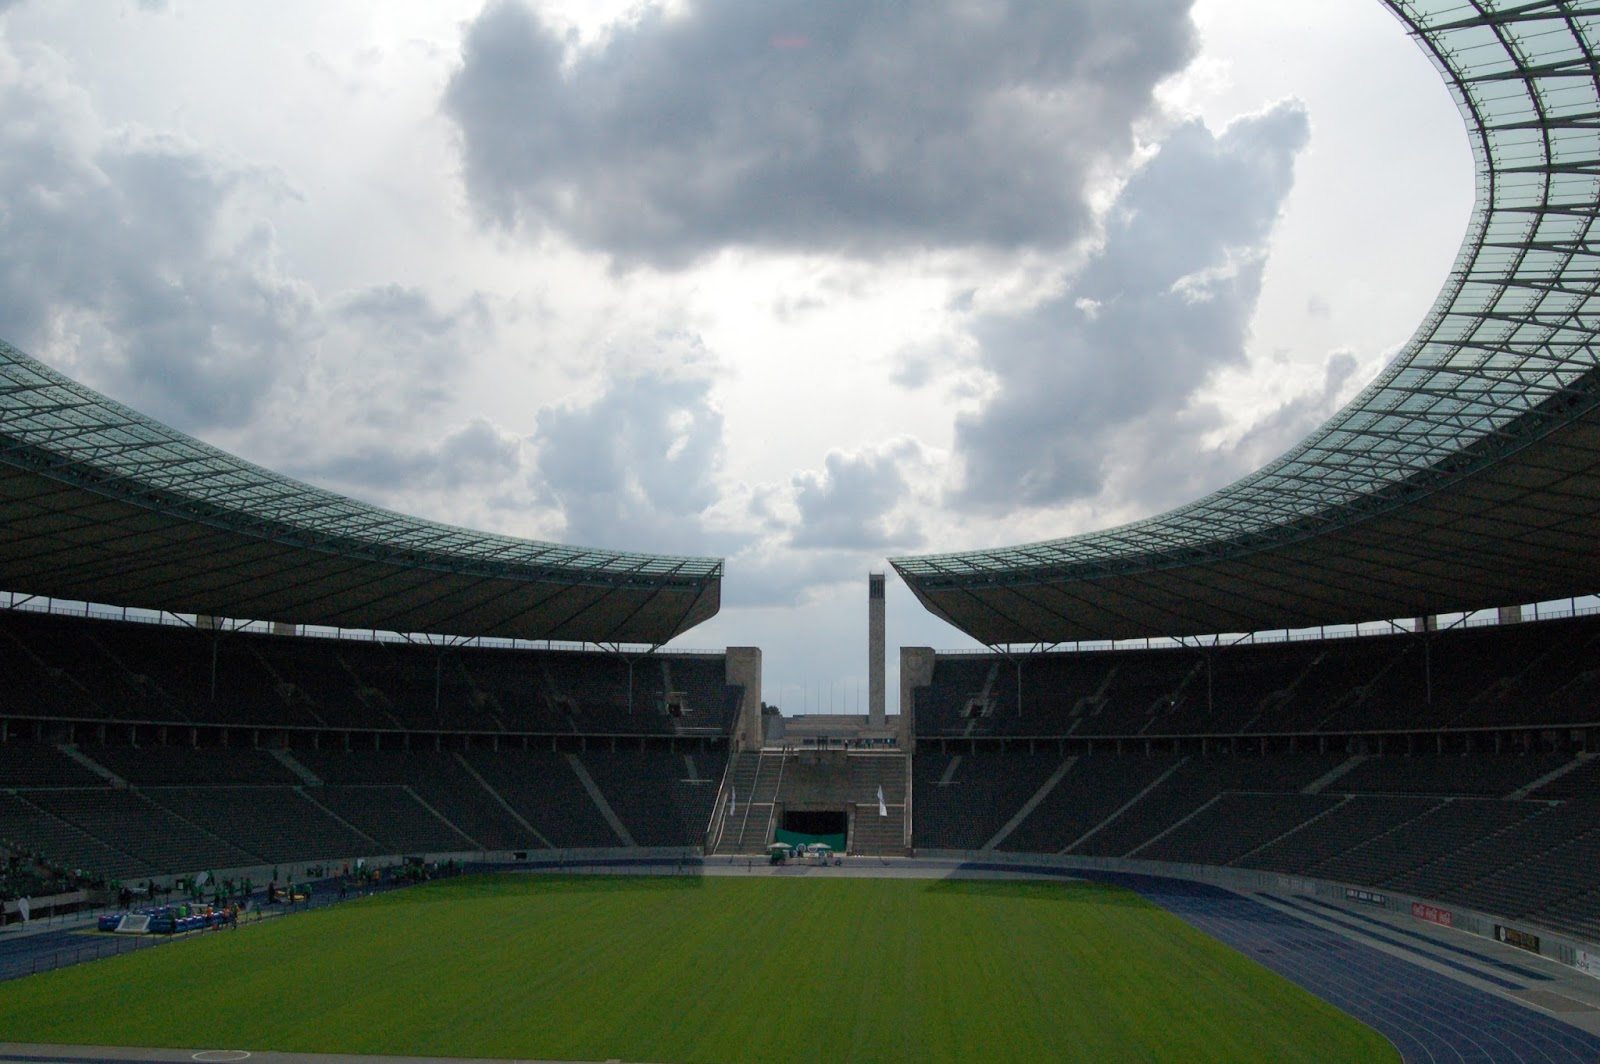 W temacie futbolowym Olympiastadion Berlin .. Stadion olimpijski w Berlinie